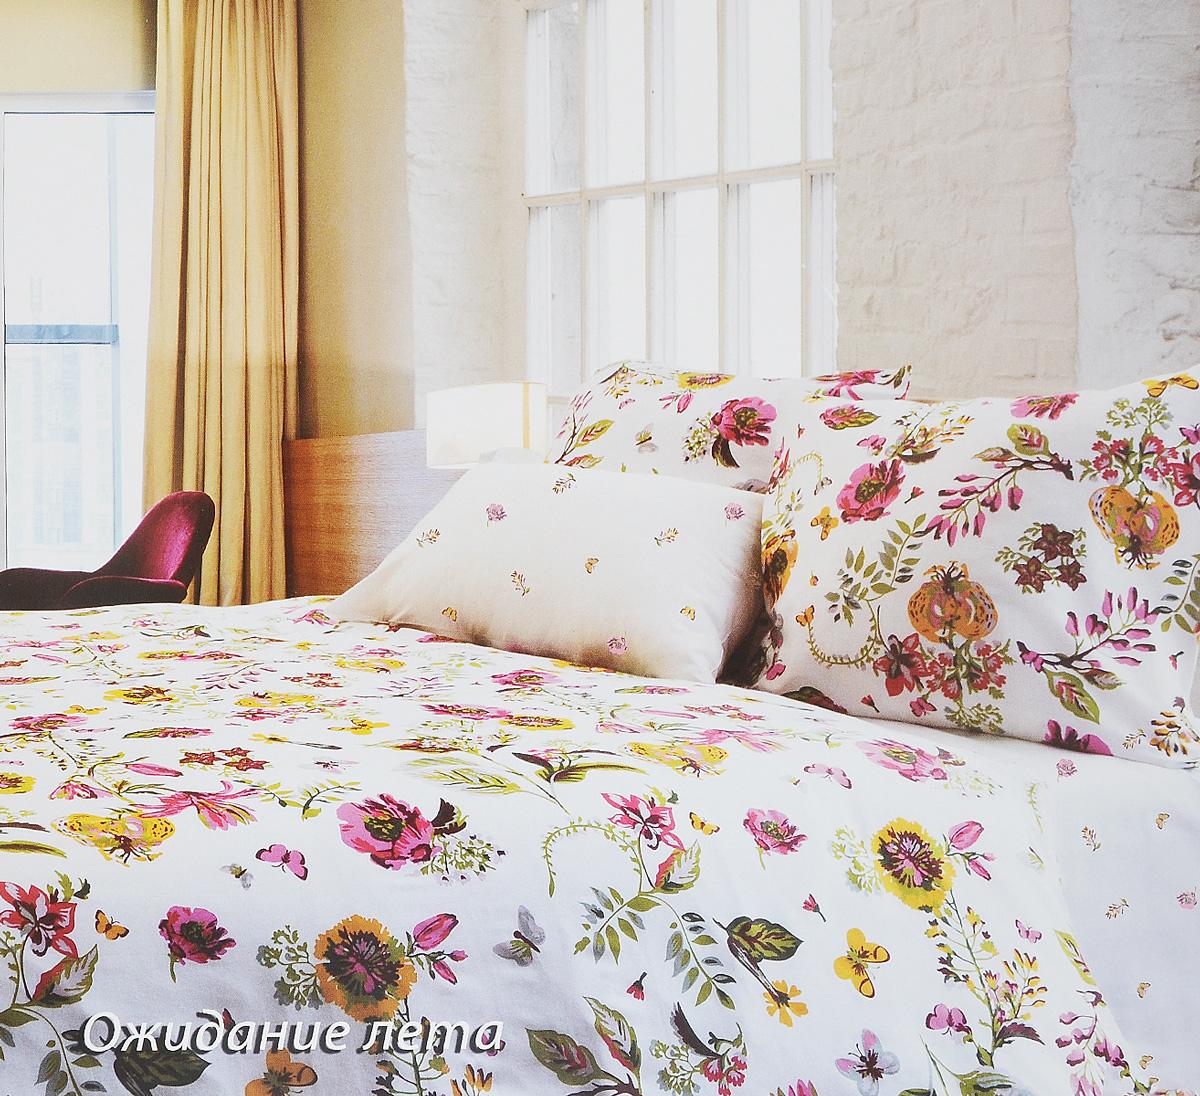 Комплект белья Tiffanys Secret Ожидание лета, 1,5-спальный, наволочки 50х70, цвет: белый, розовый, желтый2040816090Комплект постельного белья Tiffanys Secret Ожидание лета является экологически безопасным для всей семьи, так как выполнен из сатина (100% хлопок). Комплект состоит из пододеяльника, простыни и двух наволочек. Предметы комплекта оформлены оригинальным рисунком. Благодаря такому комплекту постельного белья вы сможете создать атмосферу уюта и комфорта в вашей спальне. Сатин - это ткань, навсегда покорившая сердца человечества. Ценившие роскошь персы называли ее атлас, а искушенные в прекрасном французы - сатин. Секрет высококачественного сатина в безупречности всего технологического процесса. Эту благородную ткань делают только из отборной натуральной пряжи, которую получают из самого лучшего тонковолокнистого хлопка. Благодаря использованию самой тонкой хлопковой нити получается необычайно мягкое и нежное полотно. Сатиновое постельное белье превращает жаркие летние ночи в прохладные и освежающие, а холодные зимние - в теплые и согревающие. ...